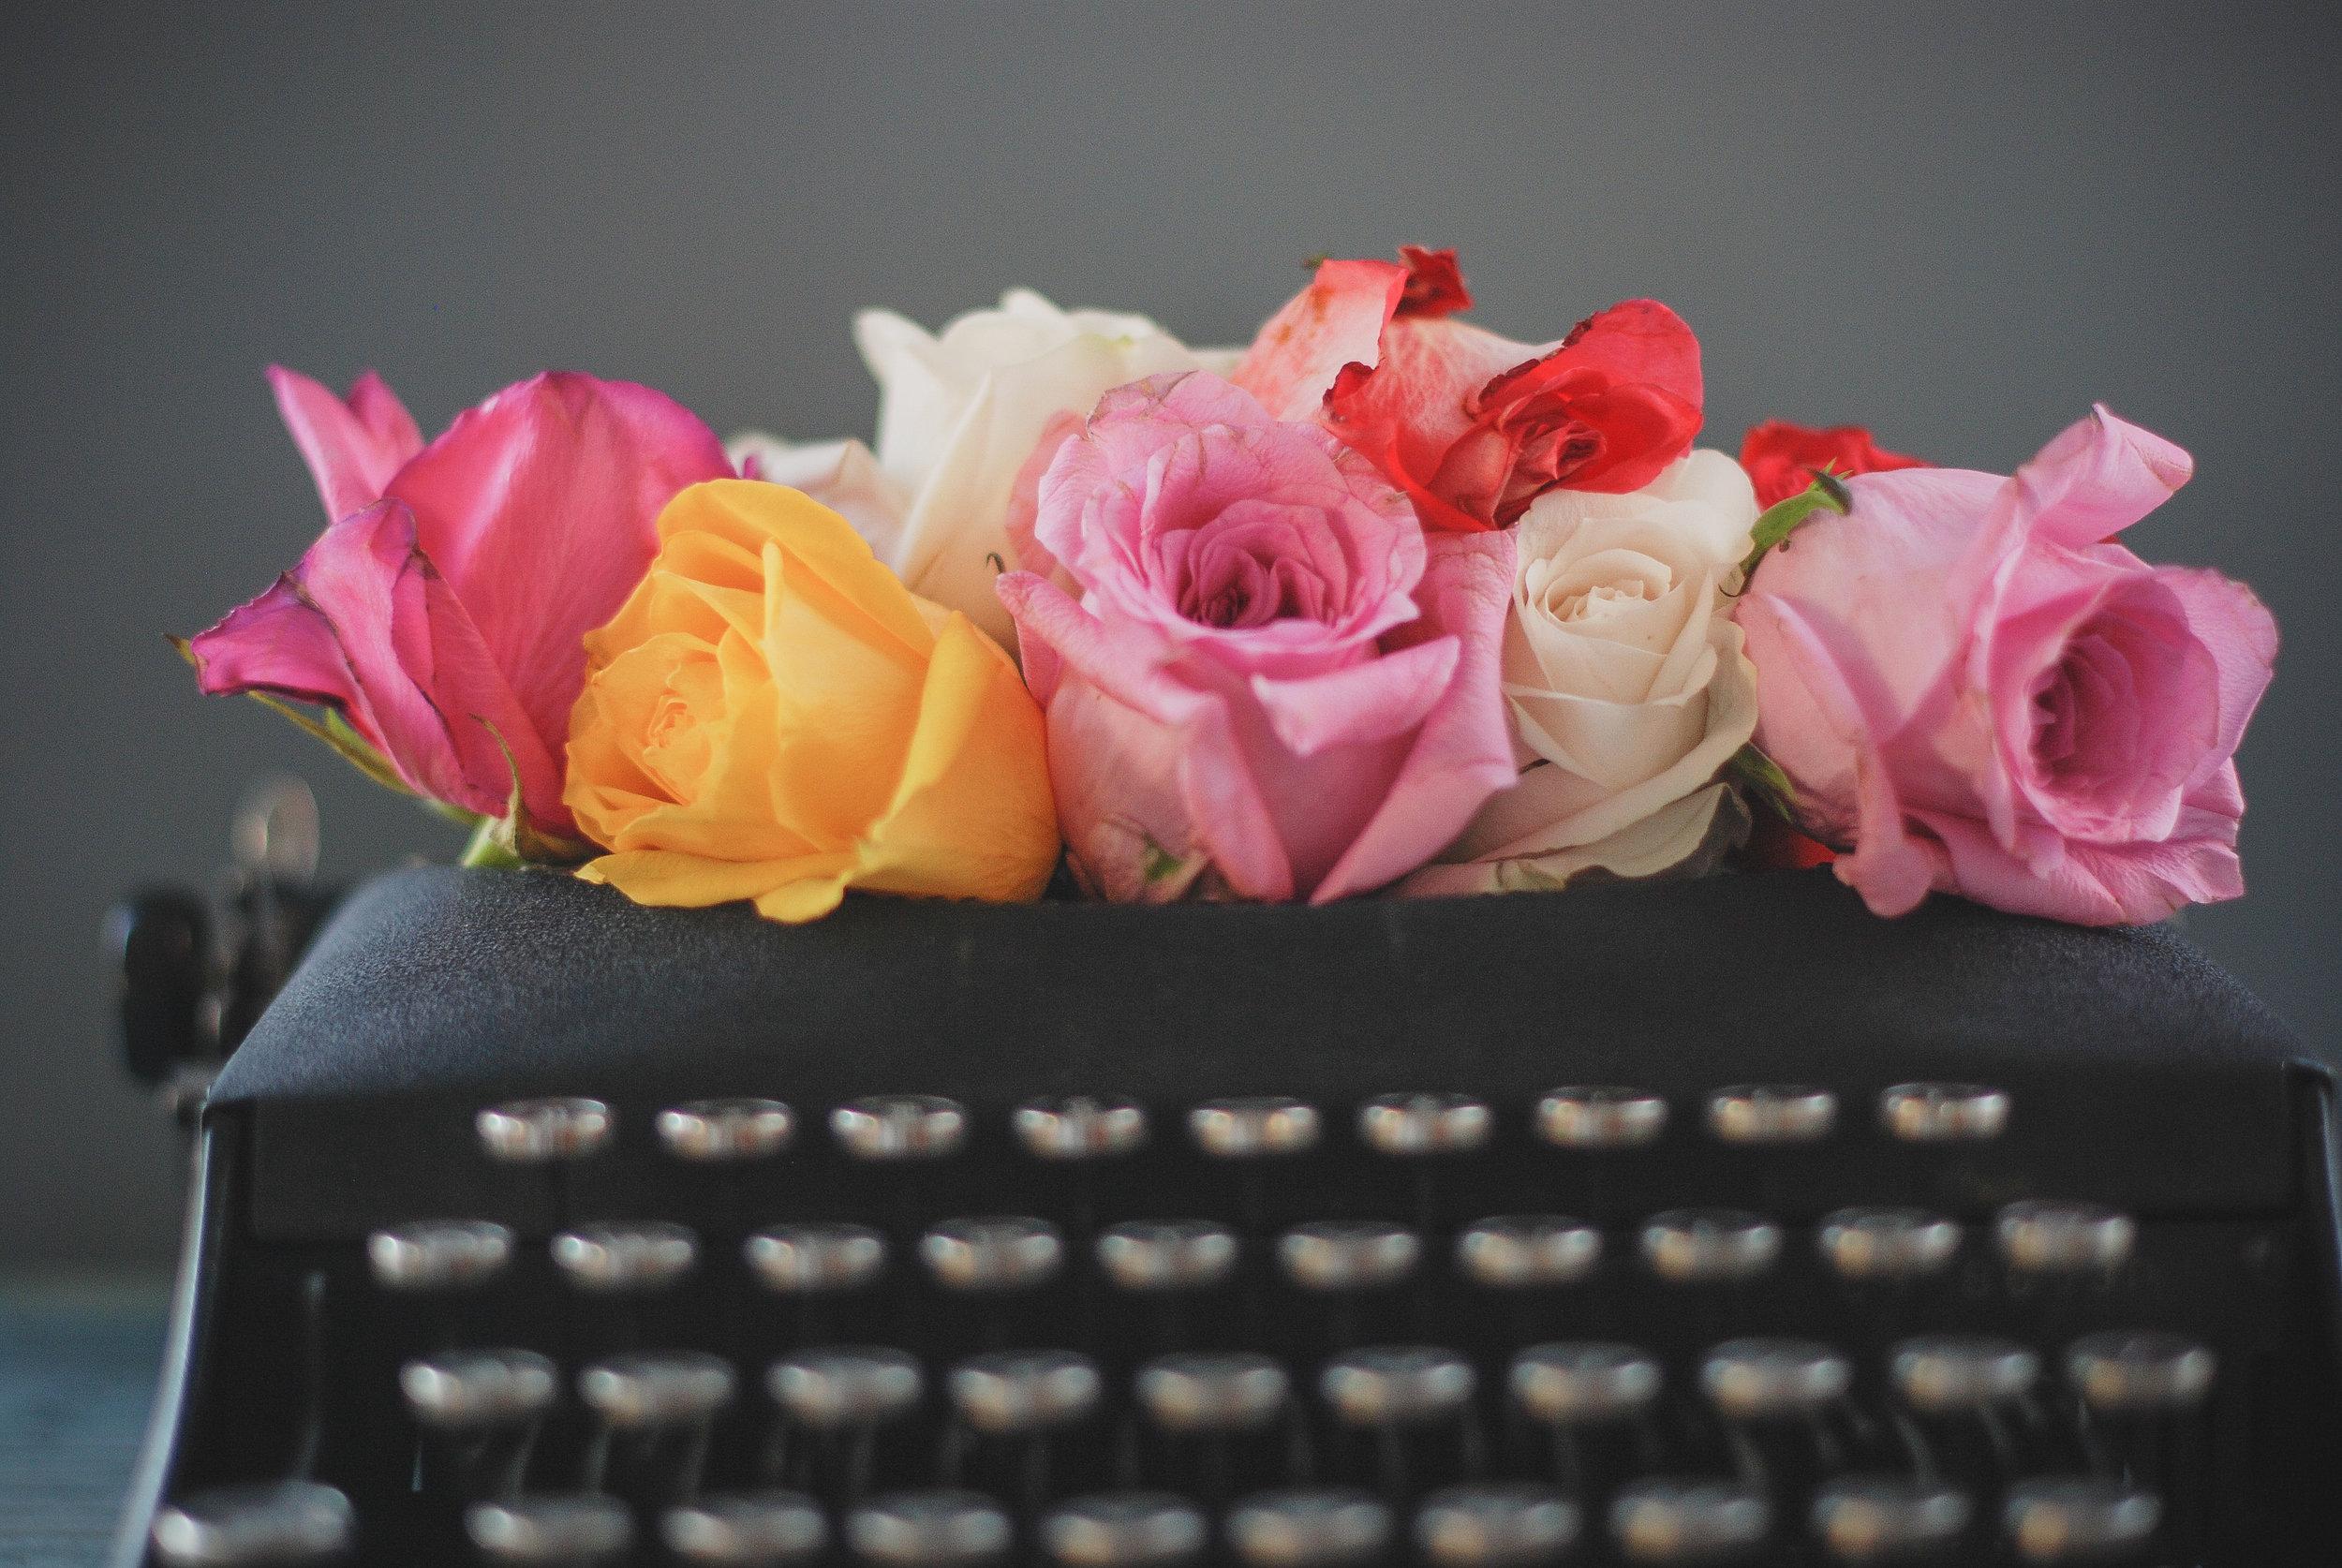 2-typeweriter flowers-74.jpg